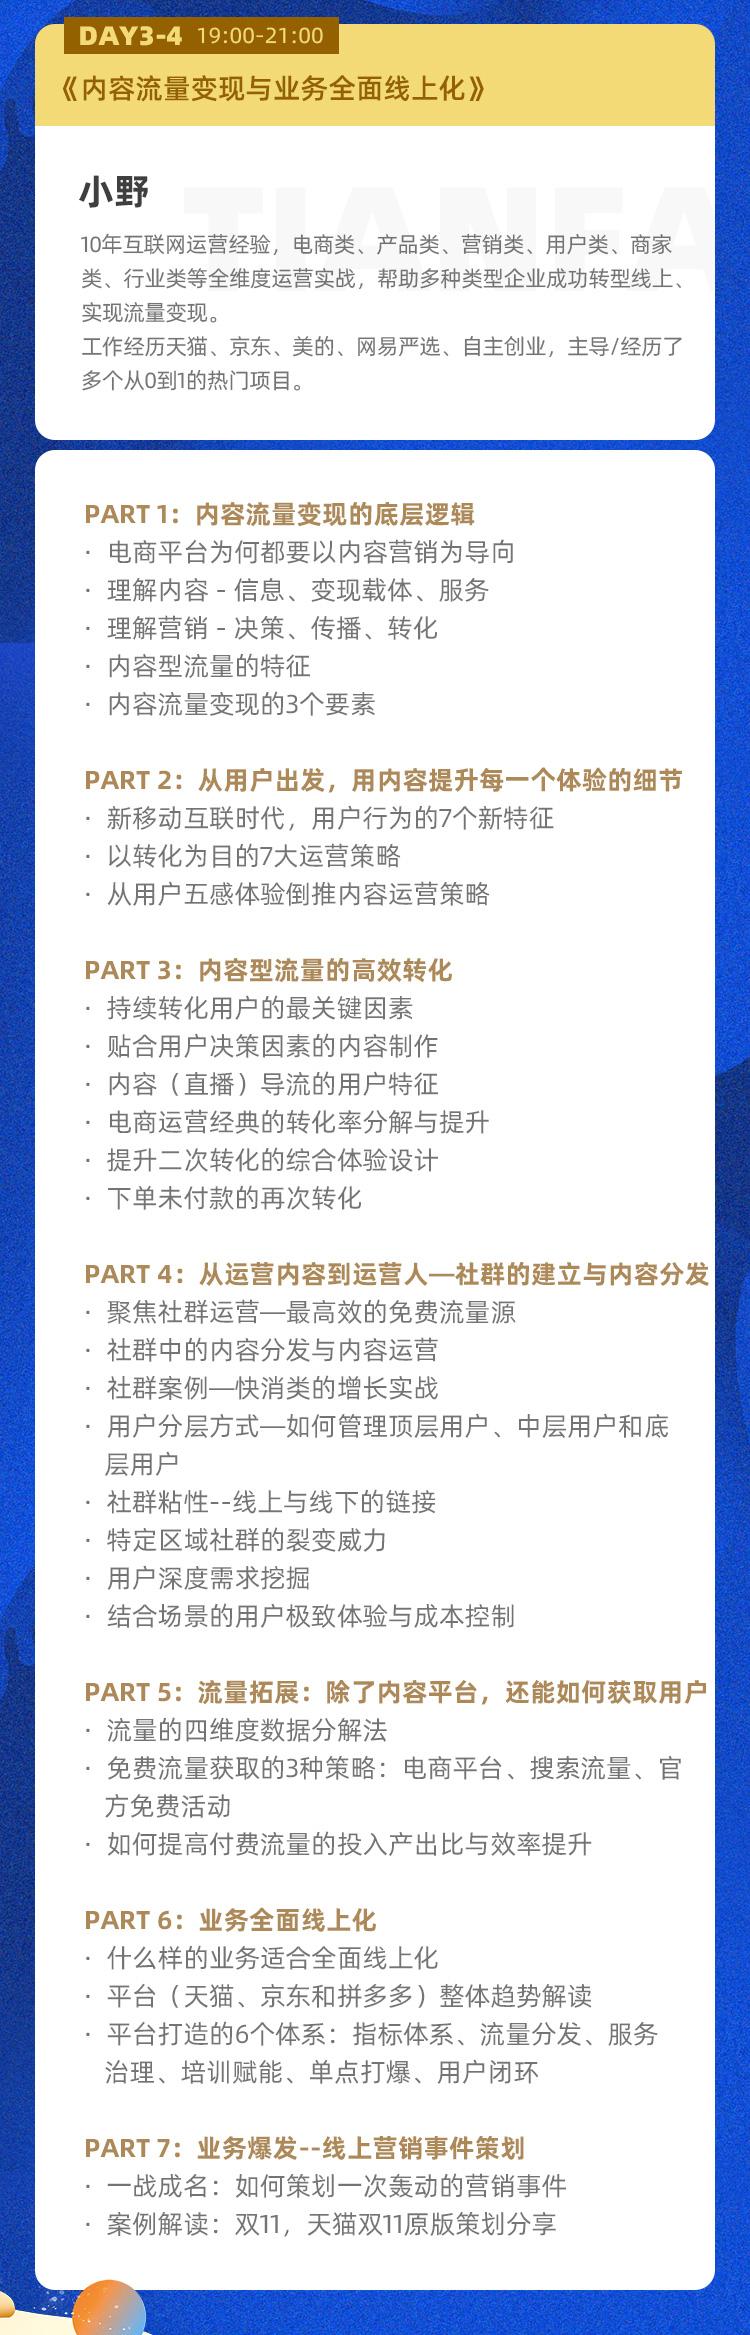 http://mtedu-img.oss-cn-beijing-internal.aliyuncs.com/ueditor/20200323193901_385838.jpg